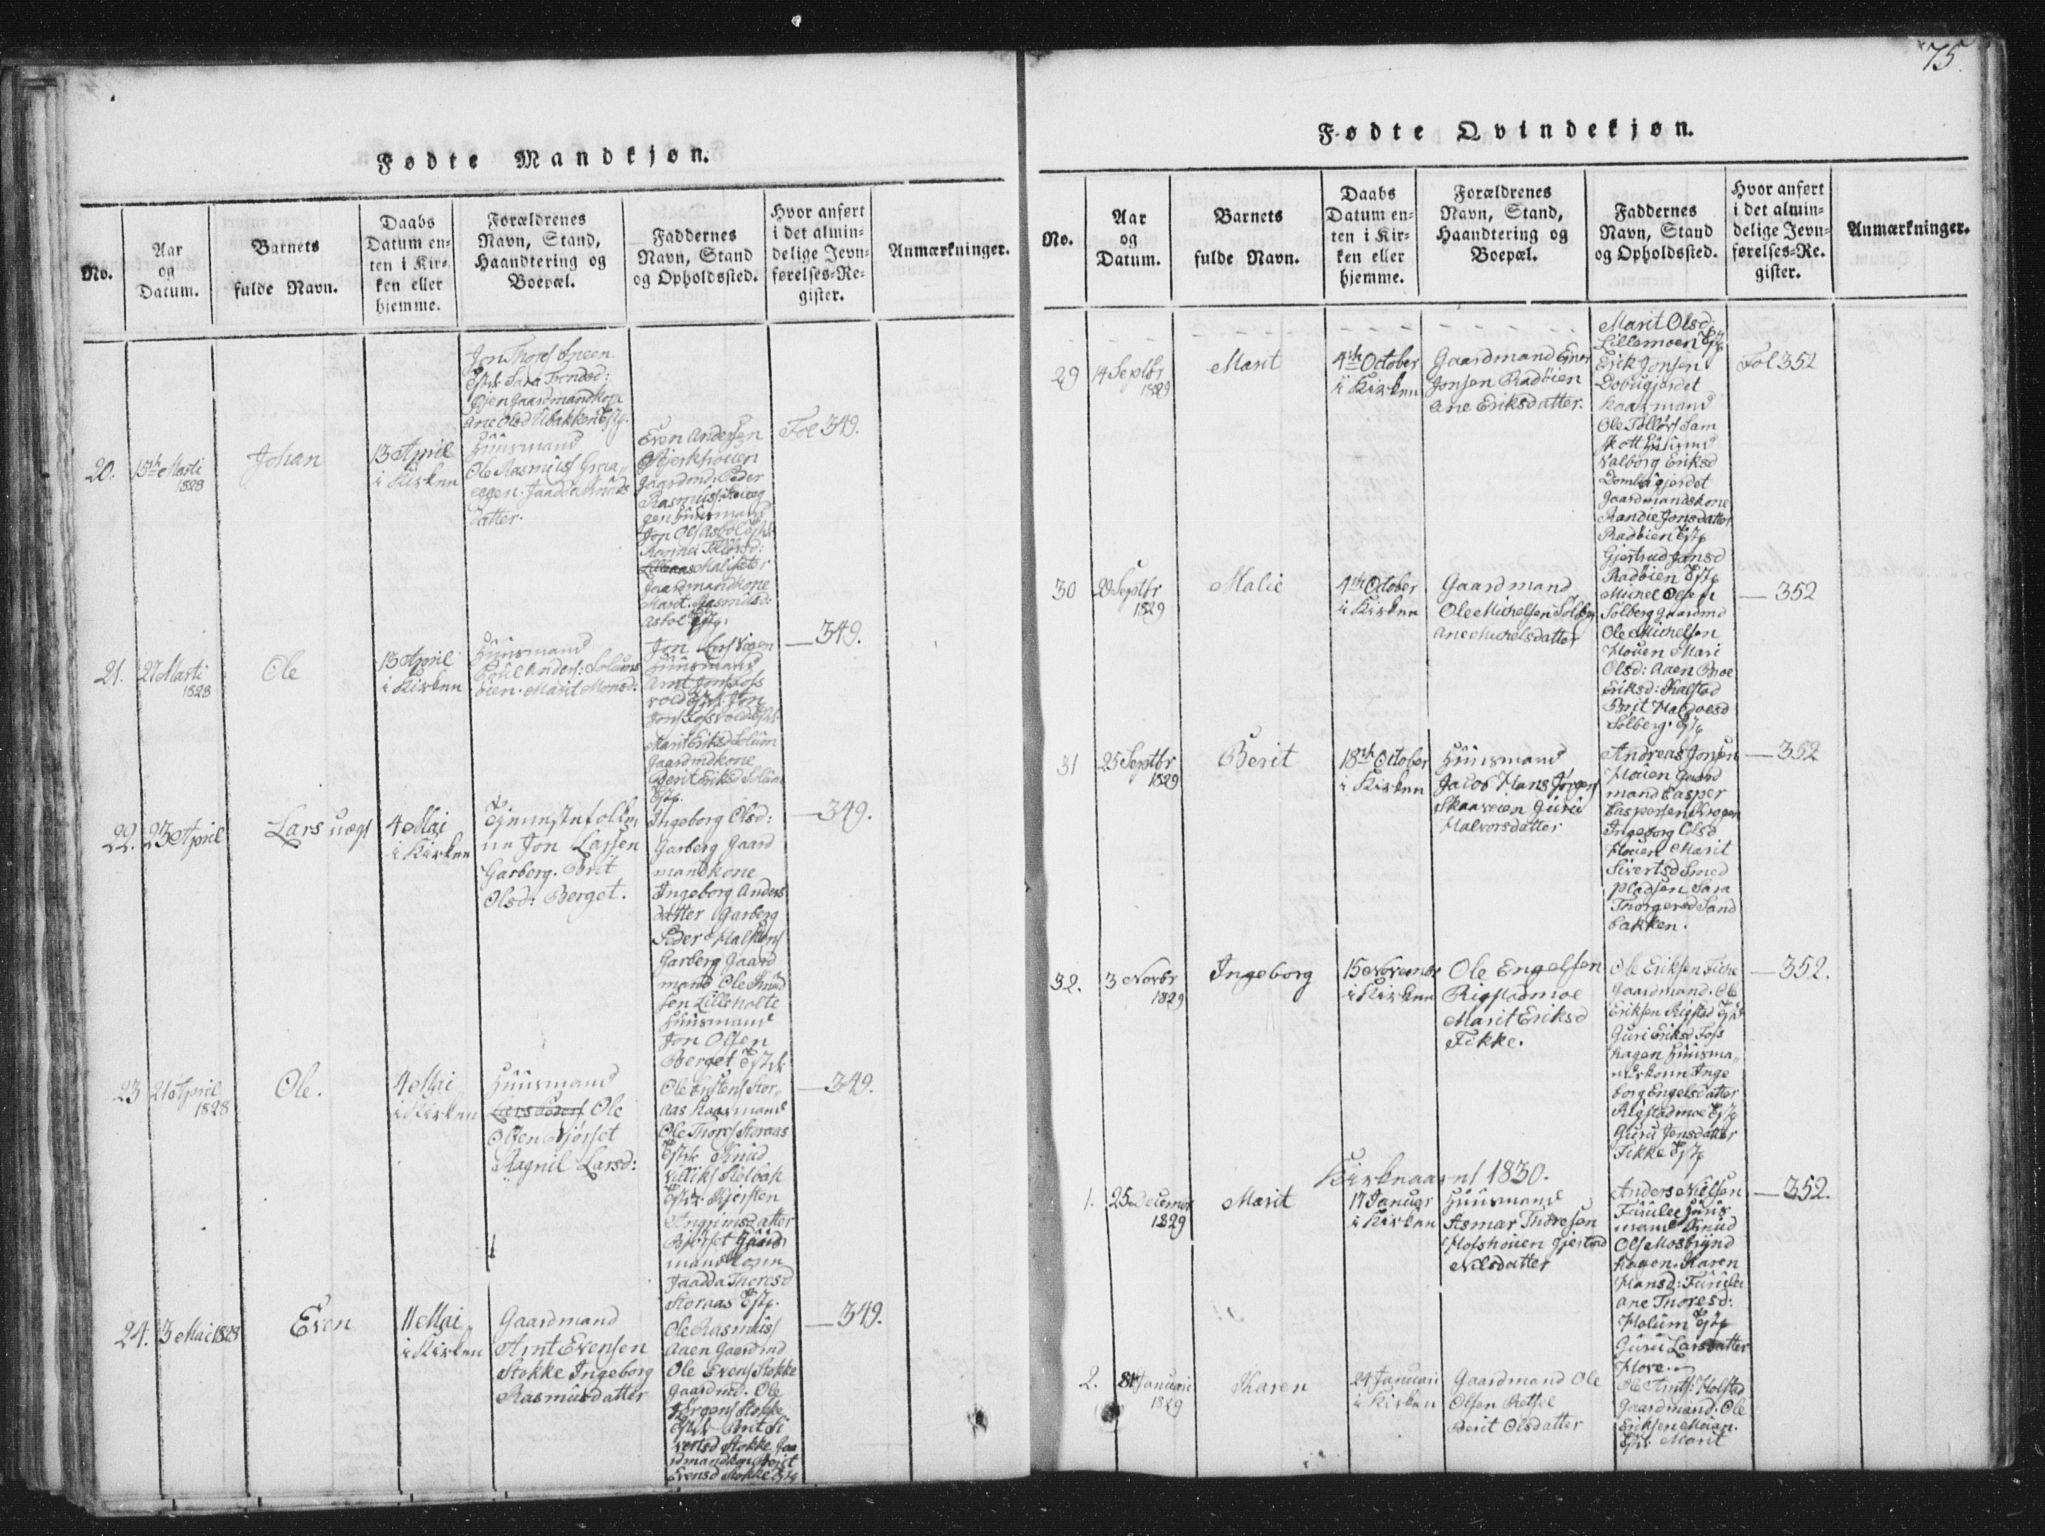 SAT, Ministerialprotokoller, klokkerbøker og fødselsregistre - Sør-Trøndelag, 672/L0862: Klokkerbok nr. 672C01, 1816-1831, s. 75